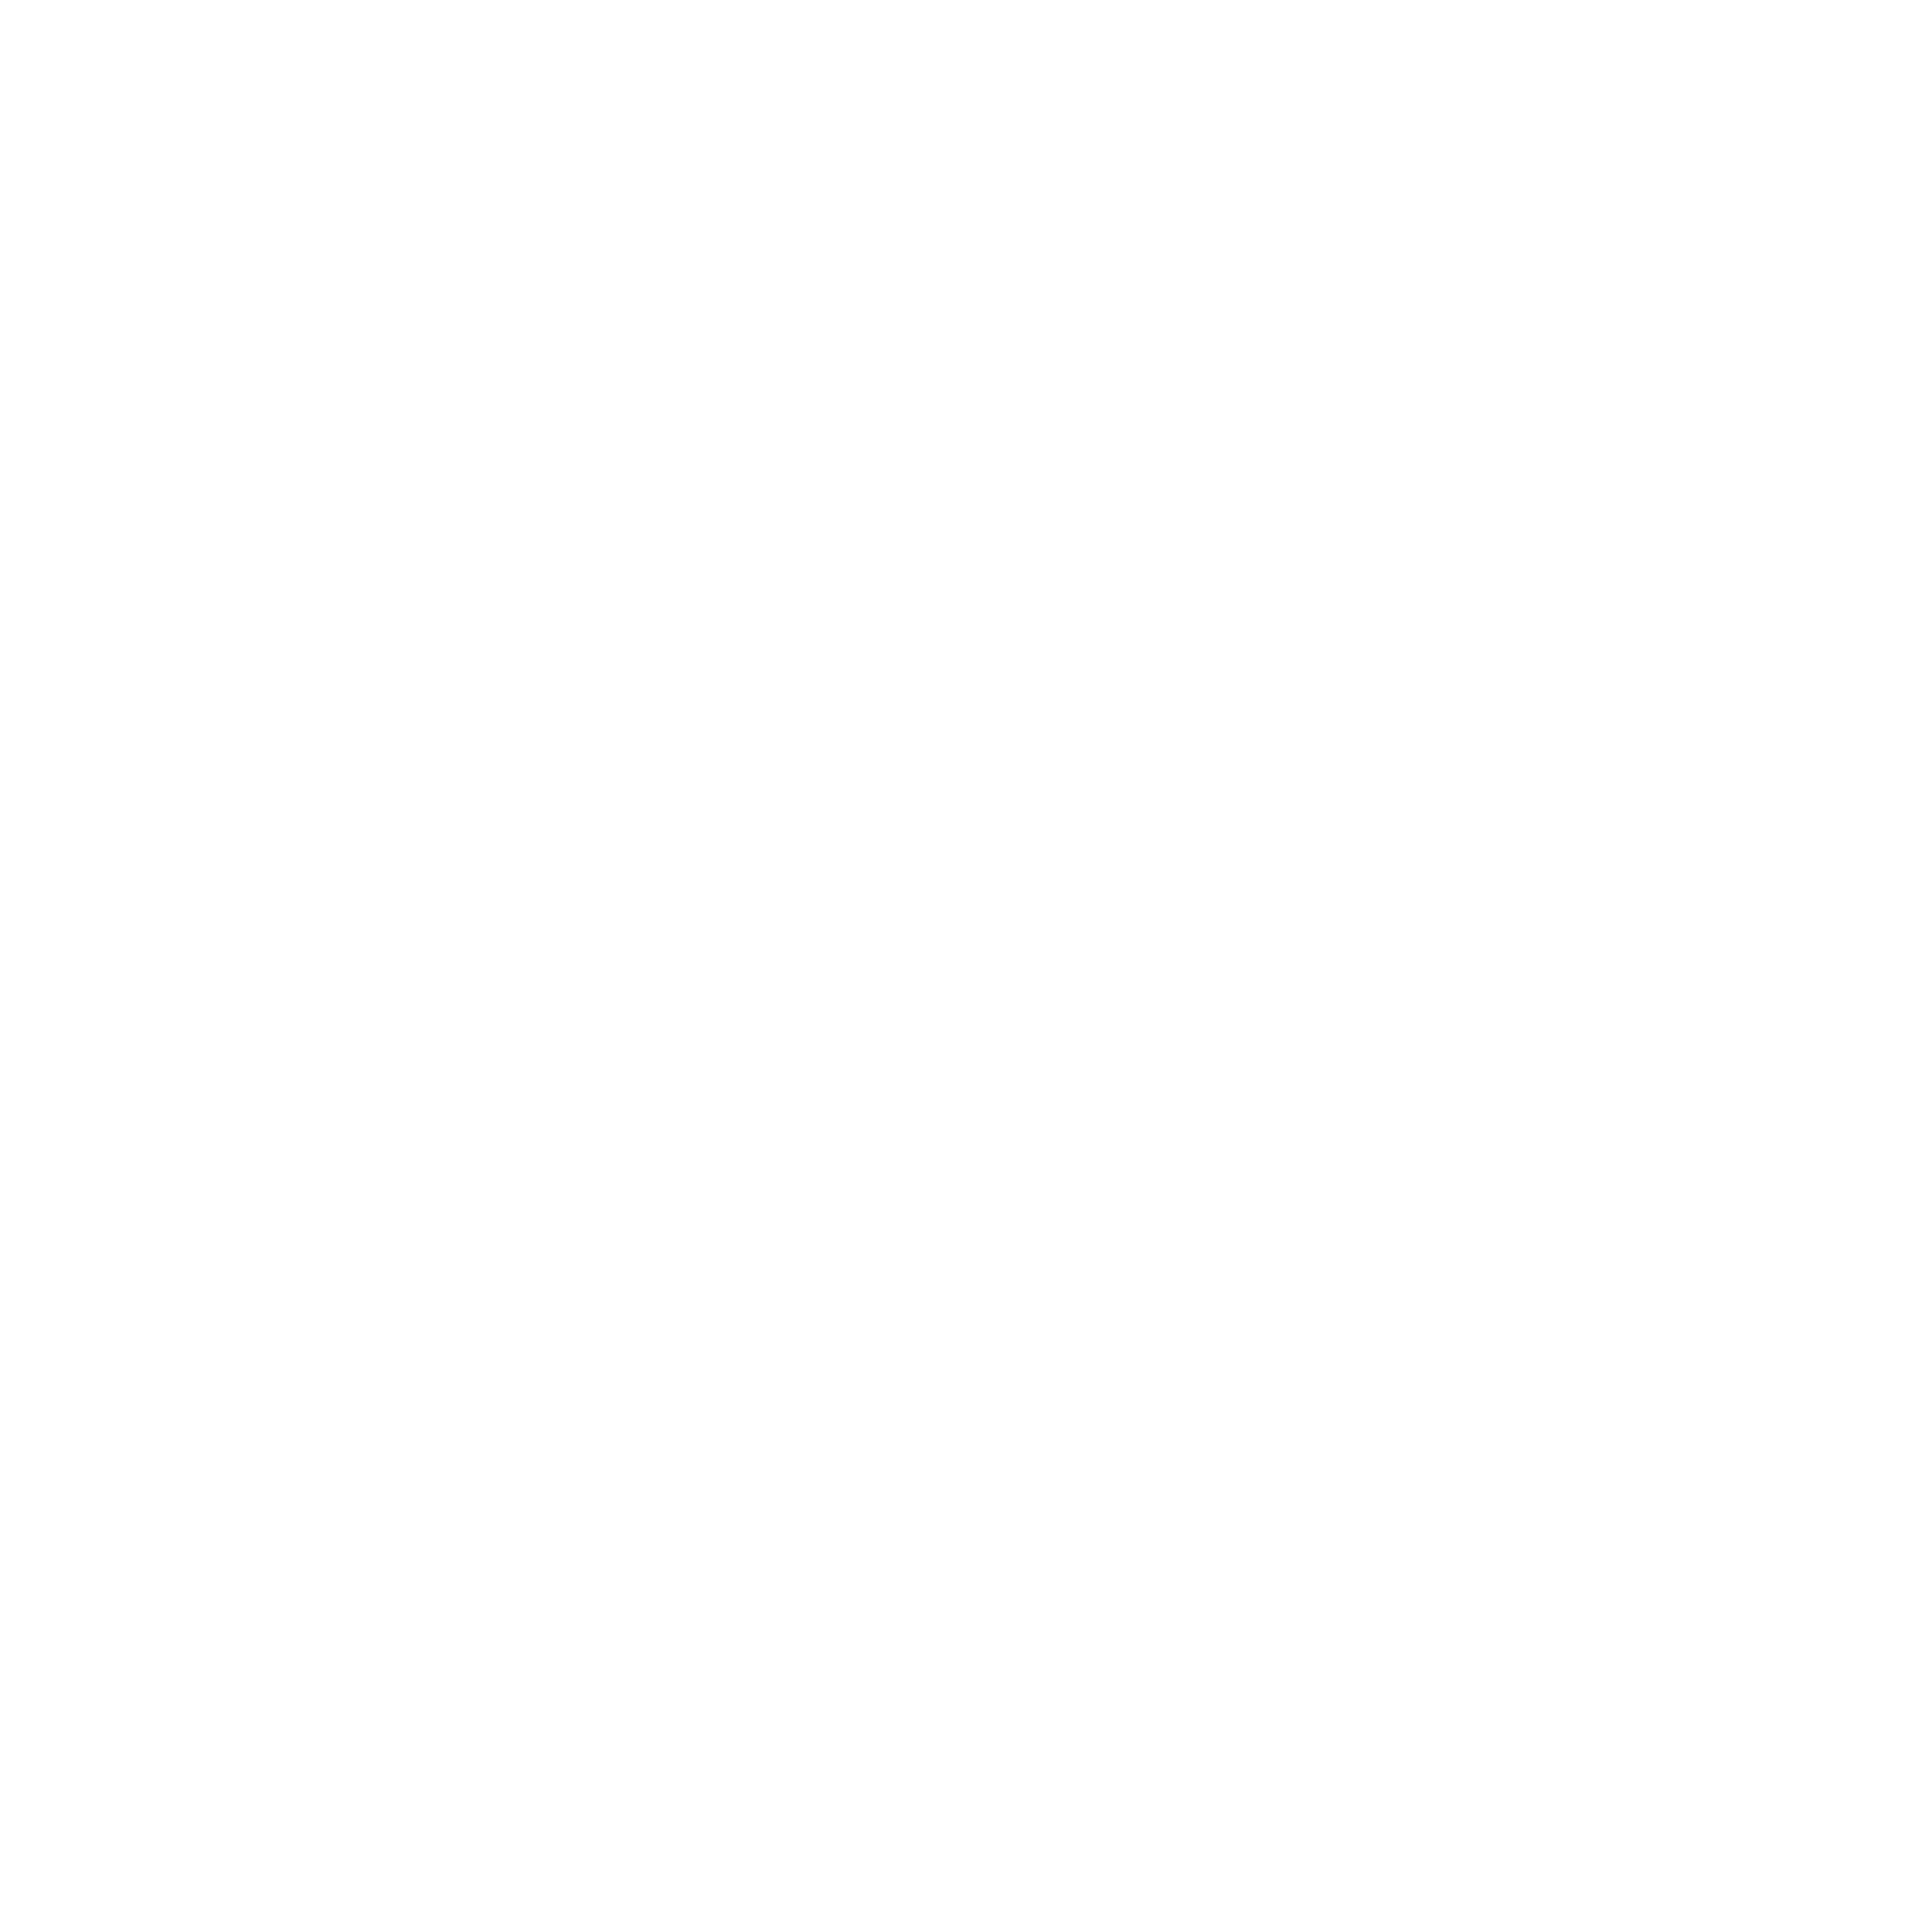 Mbariket Ventures